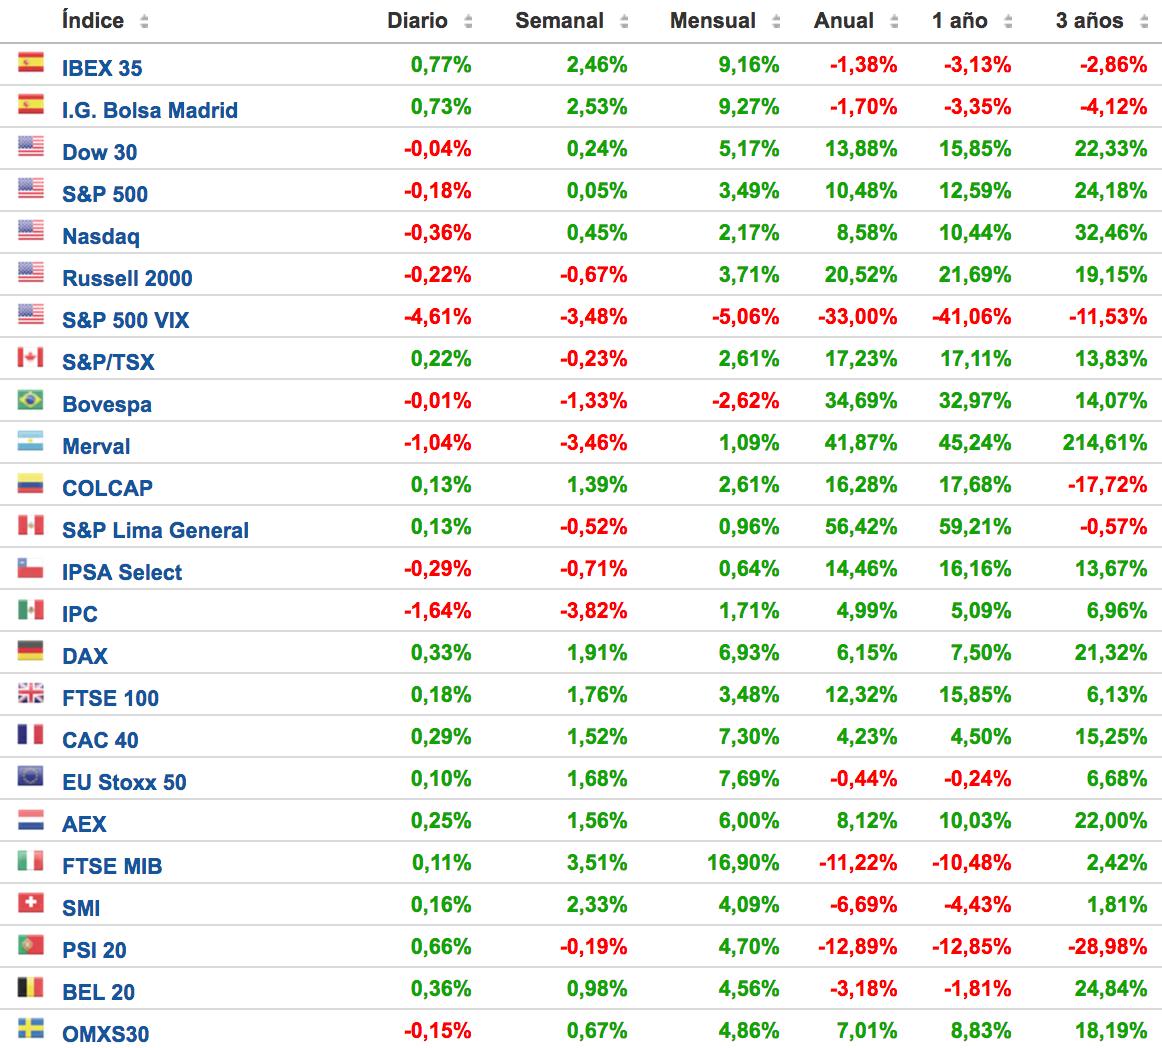 principales-índices-bursátiles-